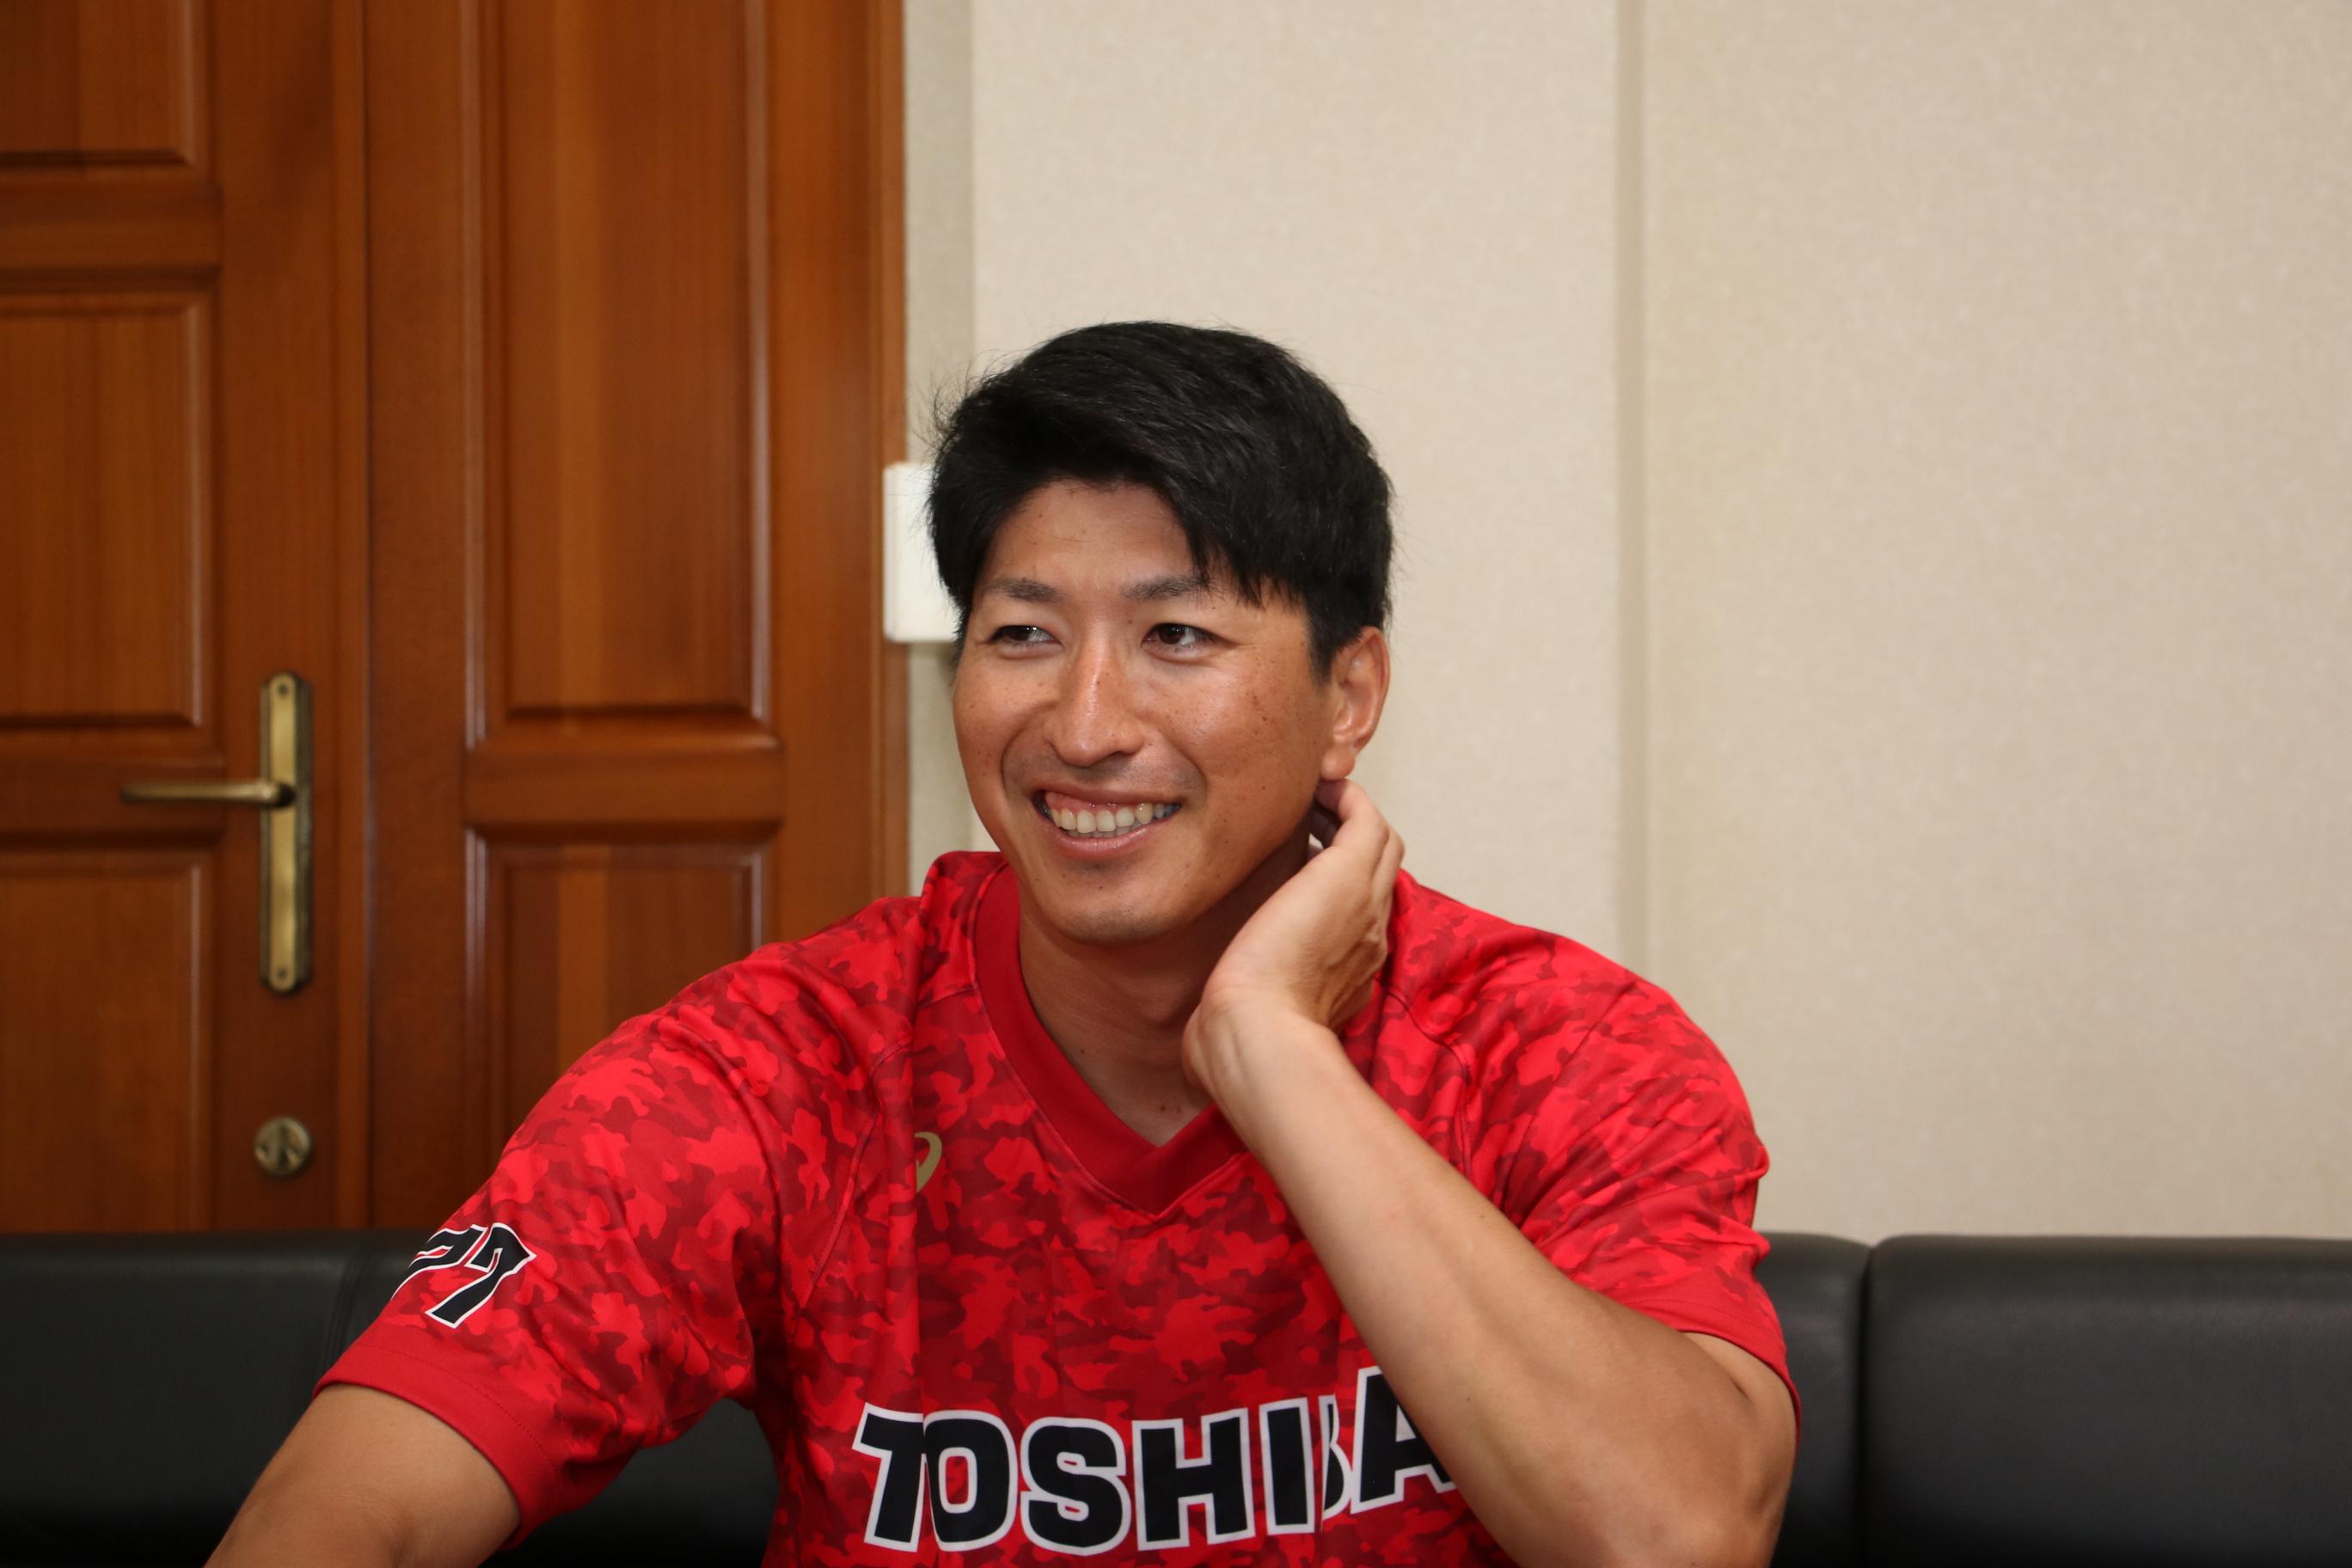 古巣の東芝野球部でコーチに就任した新垣勇人さんがインタビューを受けている写真